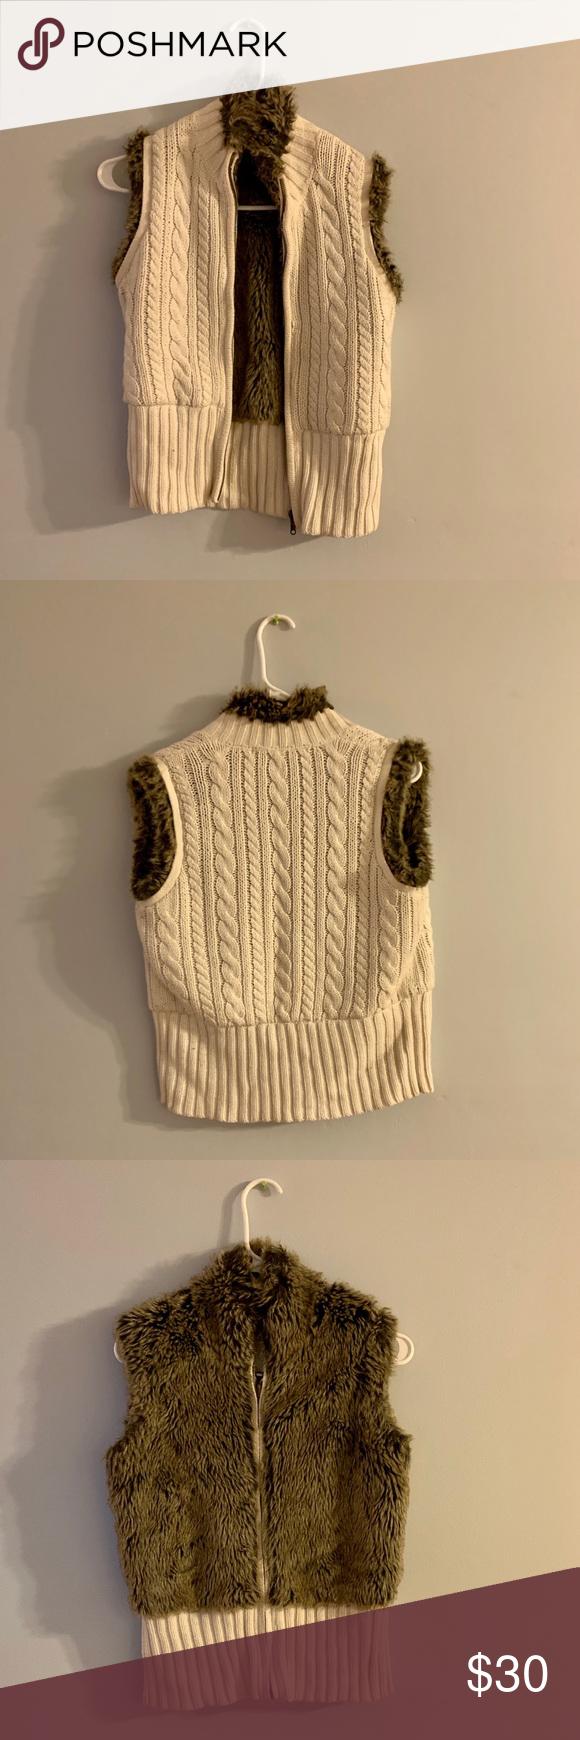 Reversible Faux Fur Cable Knit Sweater Vest Sweater Vest Cable Knit Sweaters Knitted Sweaters